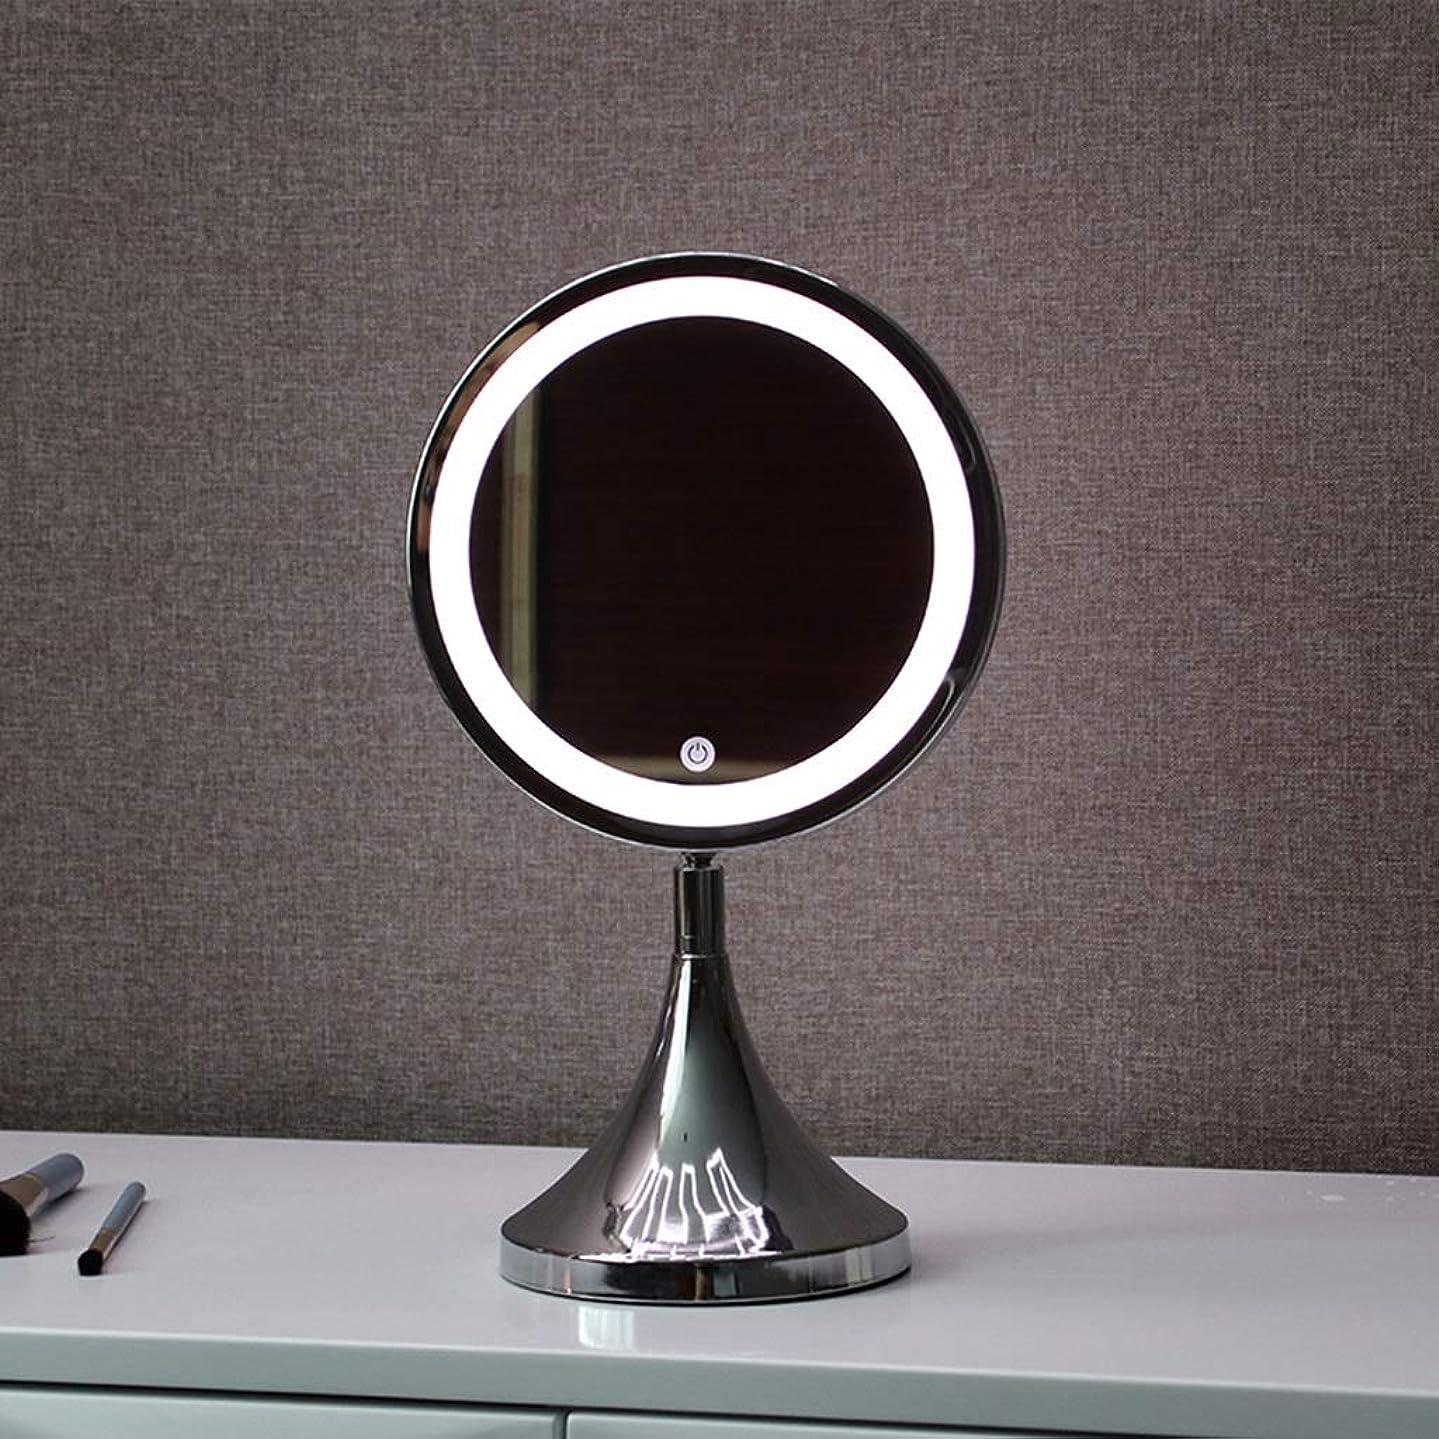 ギャラントリー国歌試みるWJGRB スマートミラーミラーミラーは、デスクトップLEDランプ化粧品補助光ランプを両面 化粧鏡 (Color : A)